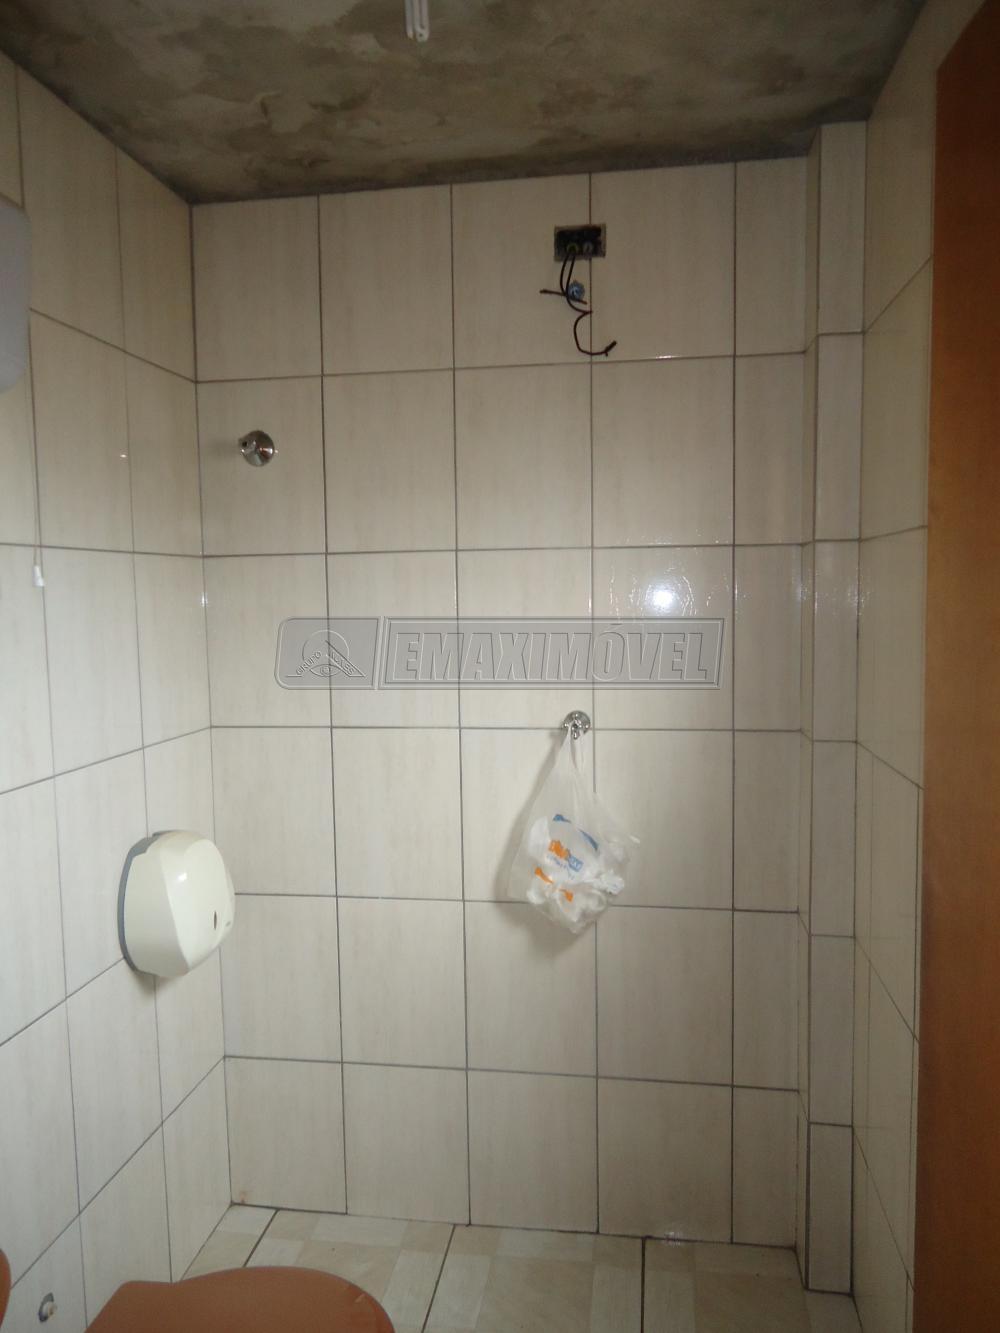 Alugar Salão Comercial / Negócios em Votorantim R$ 3.000,00 - Foto 13